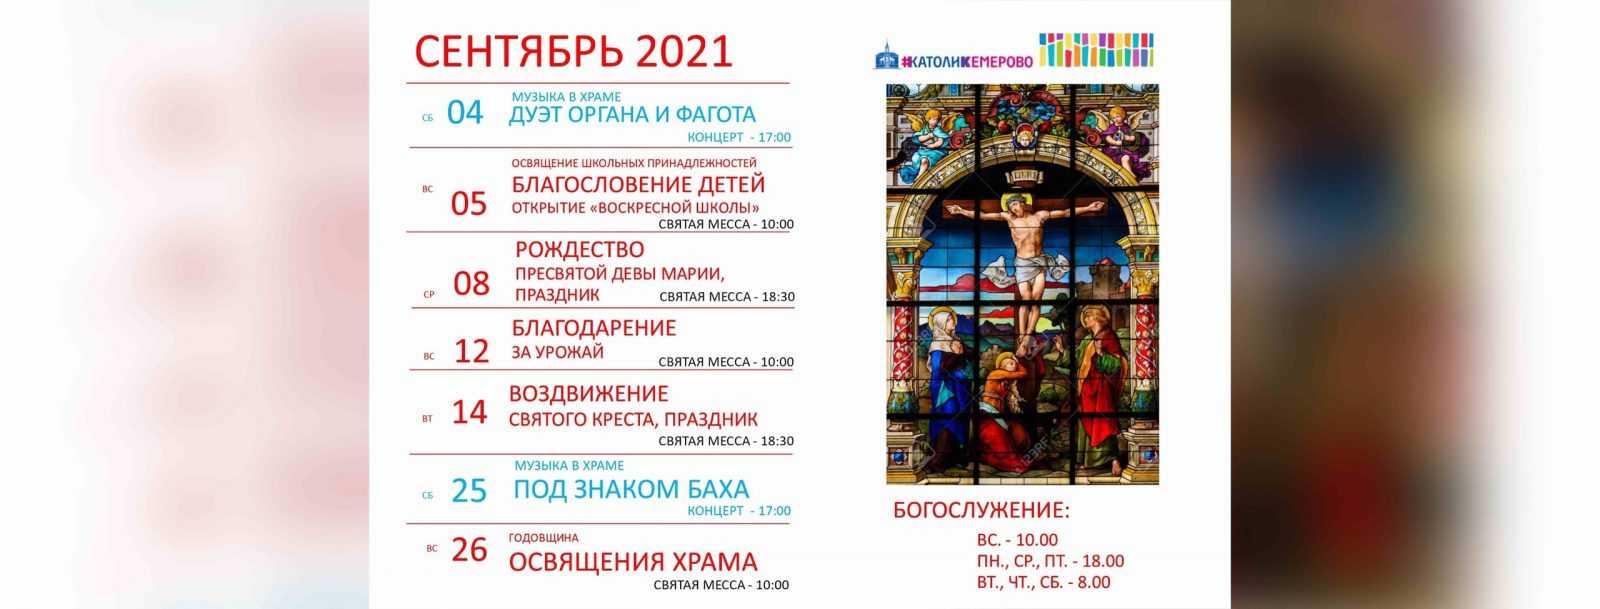 РАСПИСАНИЕ НА ОСЕНЬ 2021